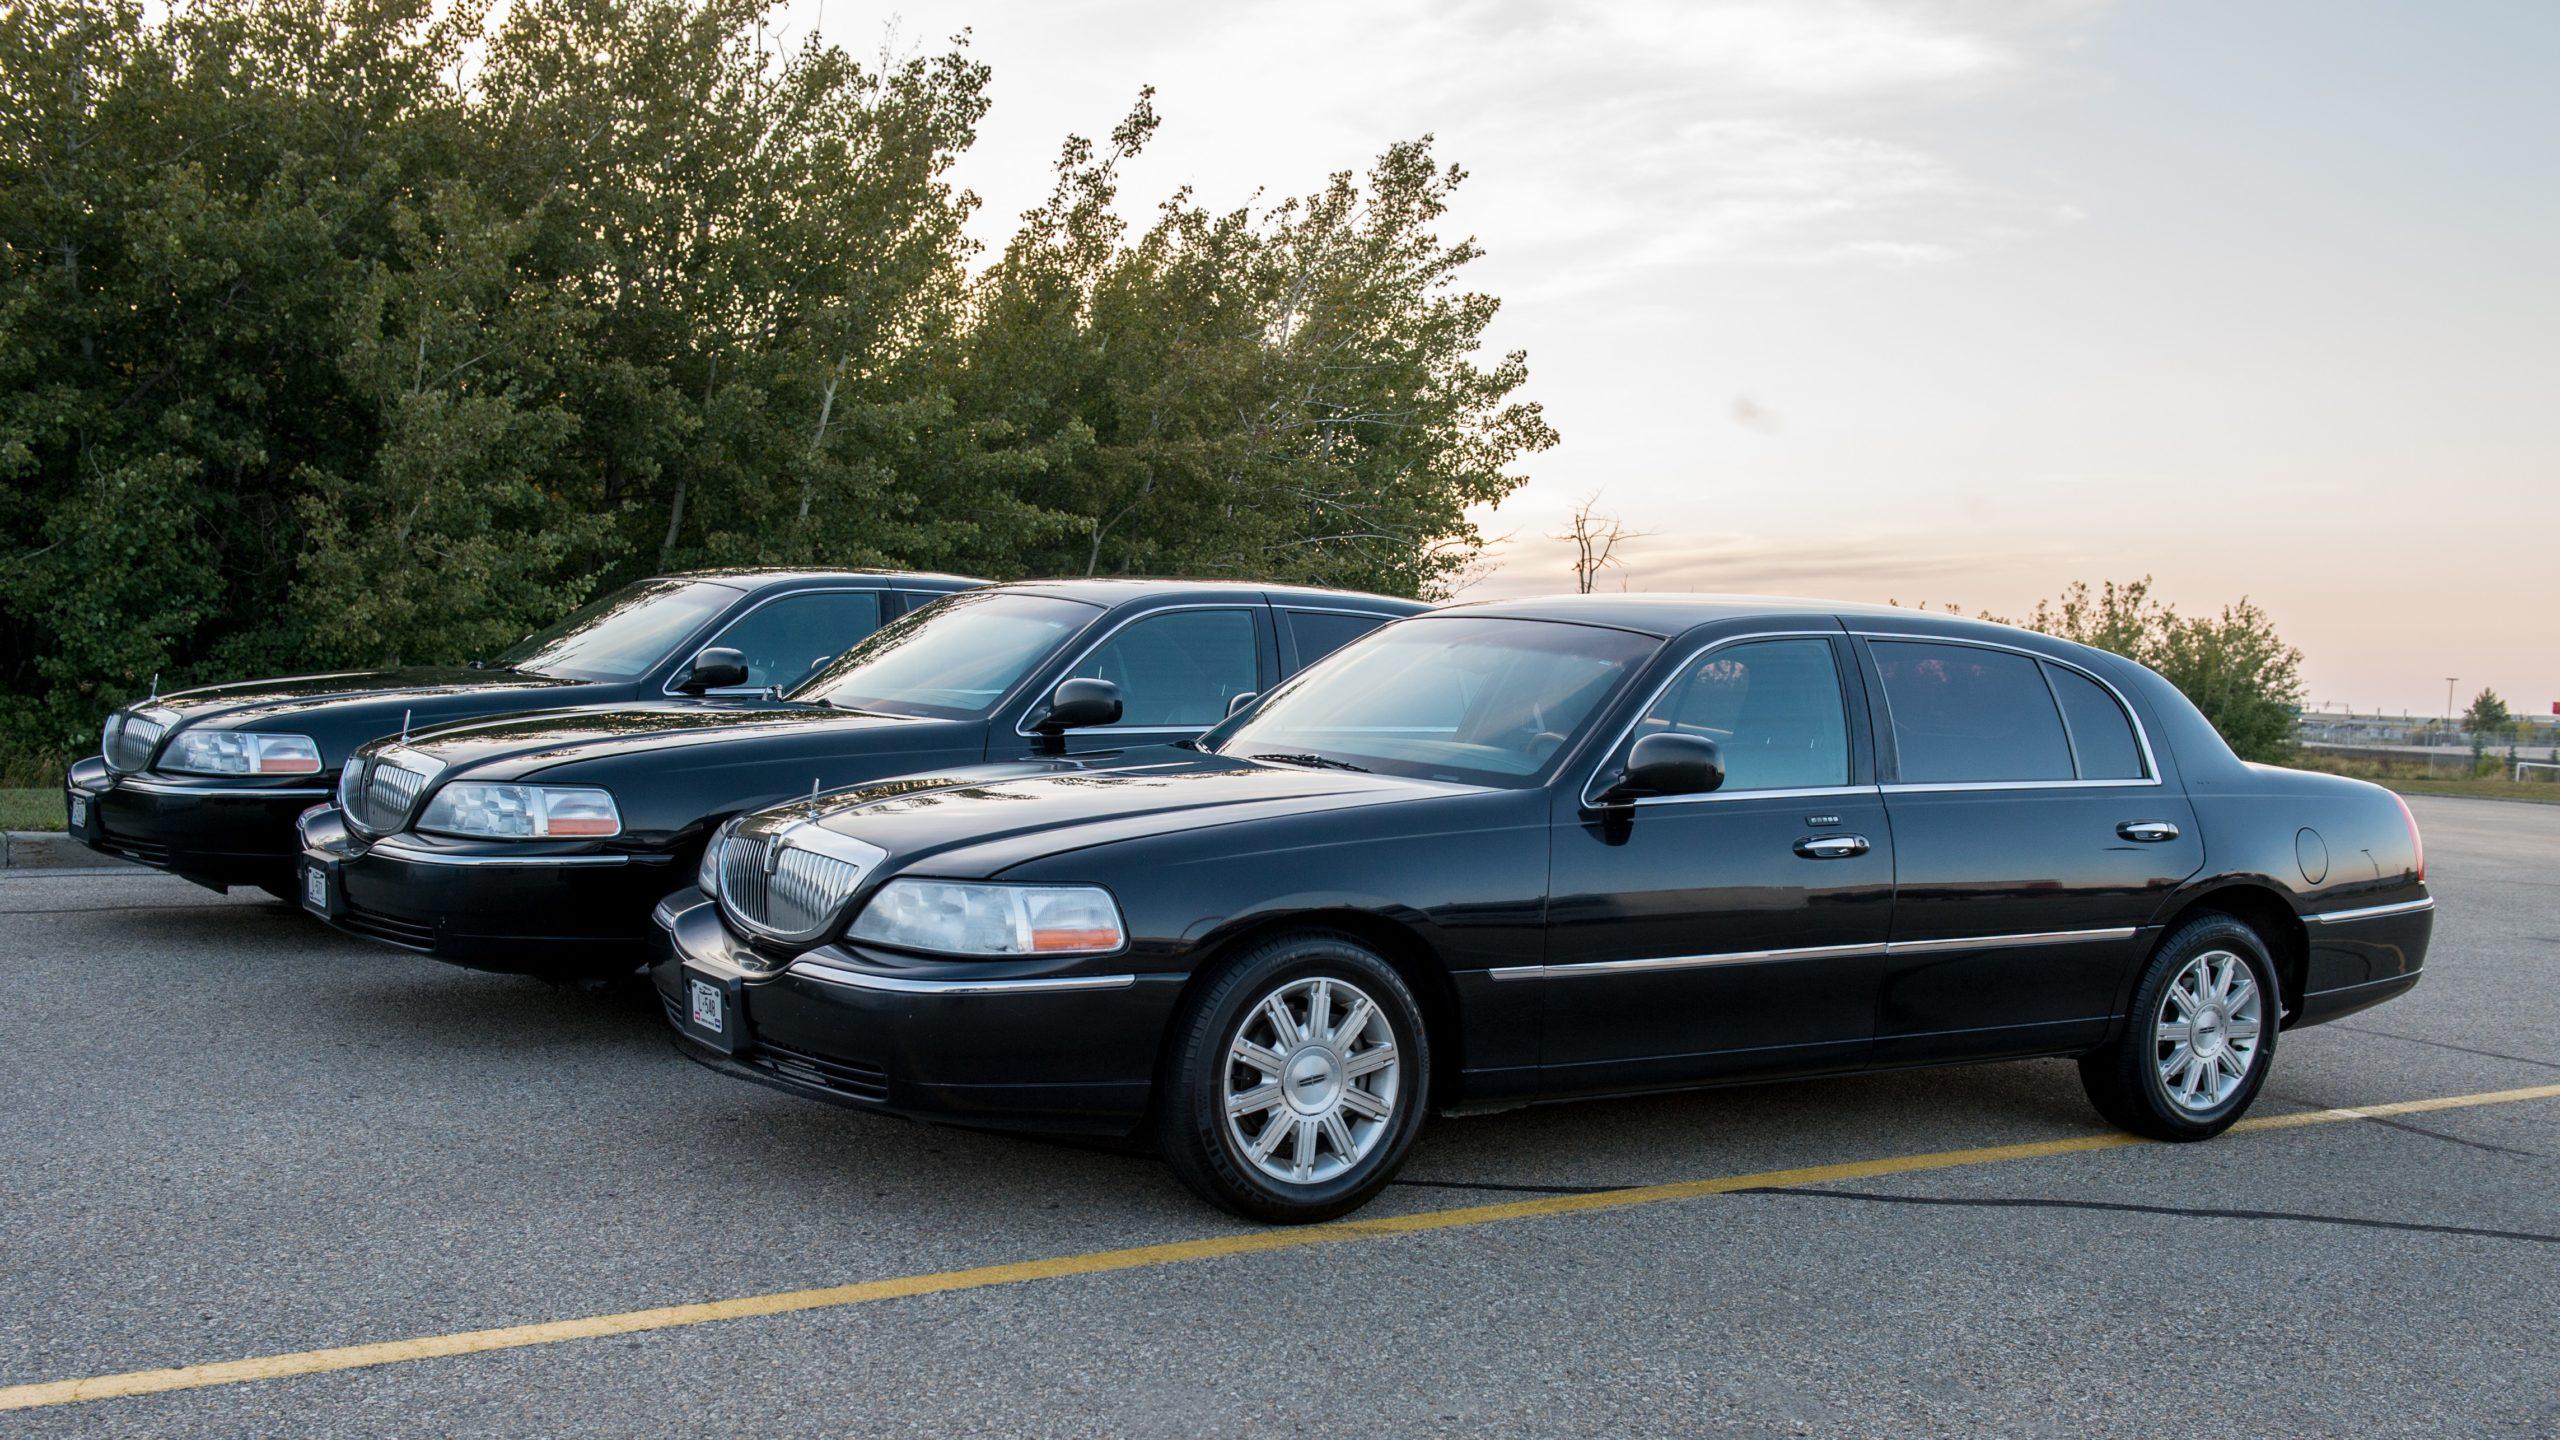 black car service edmonton apex limousine